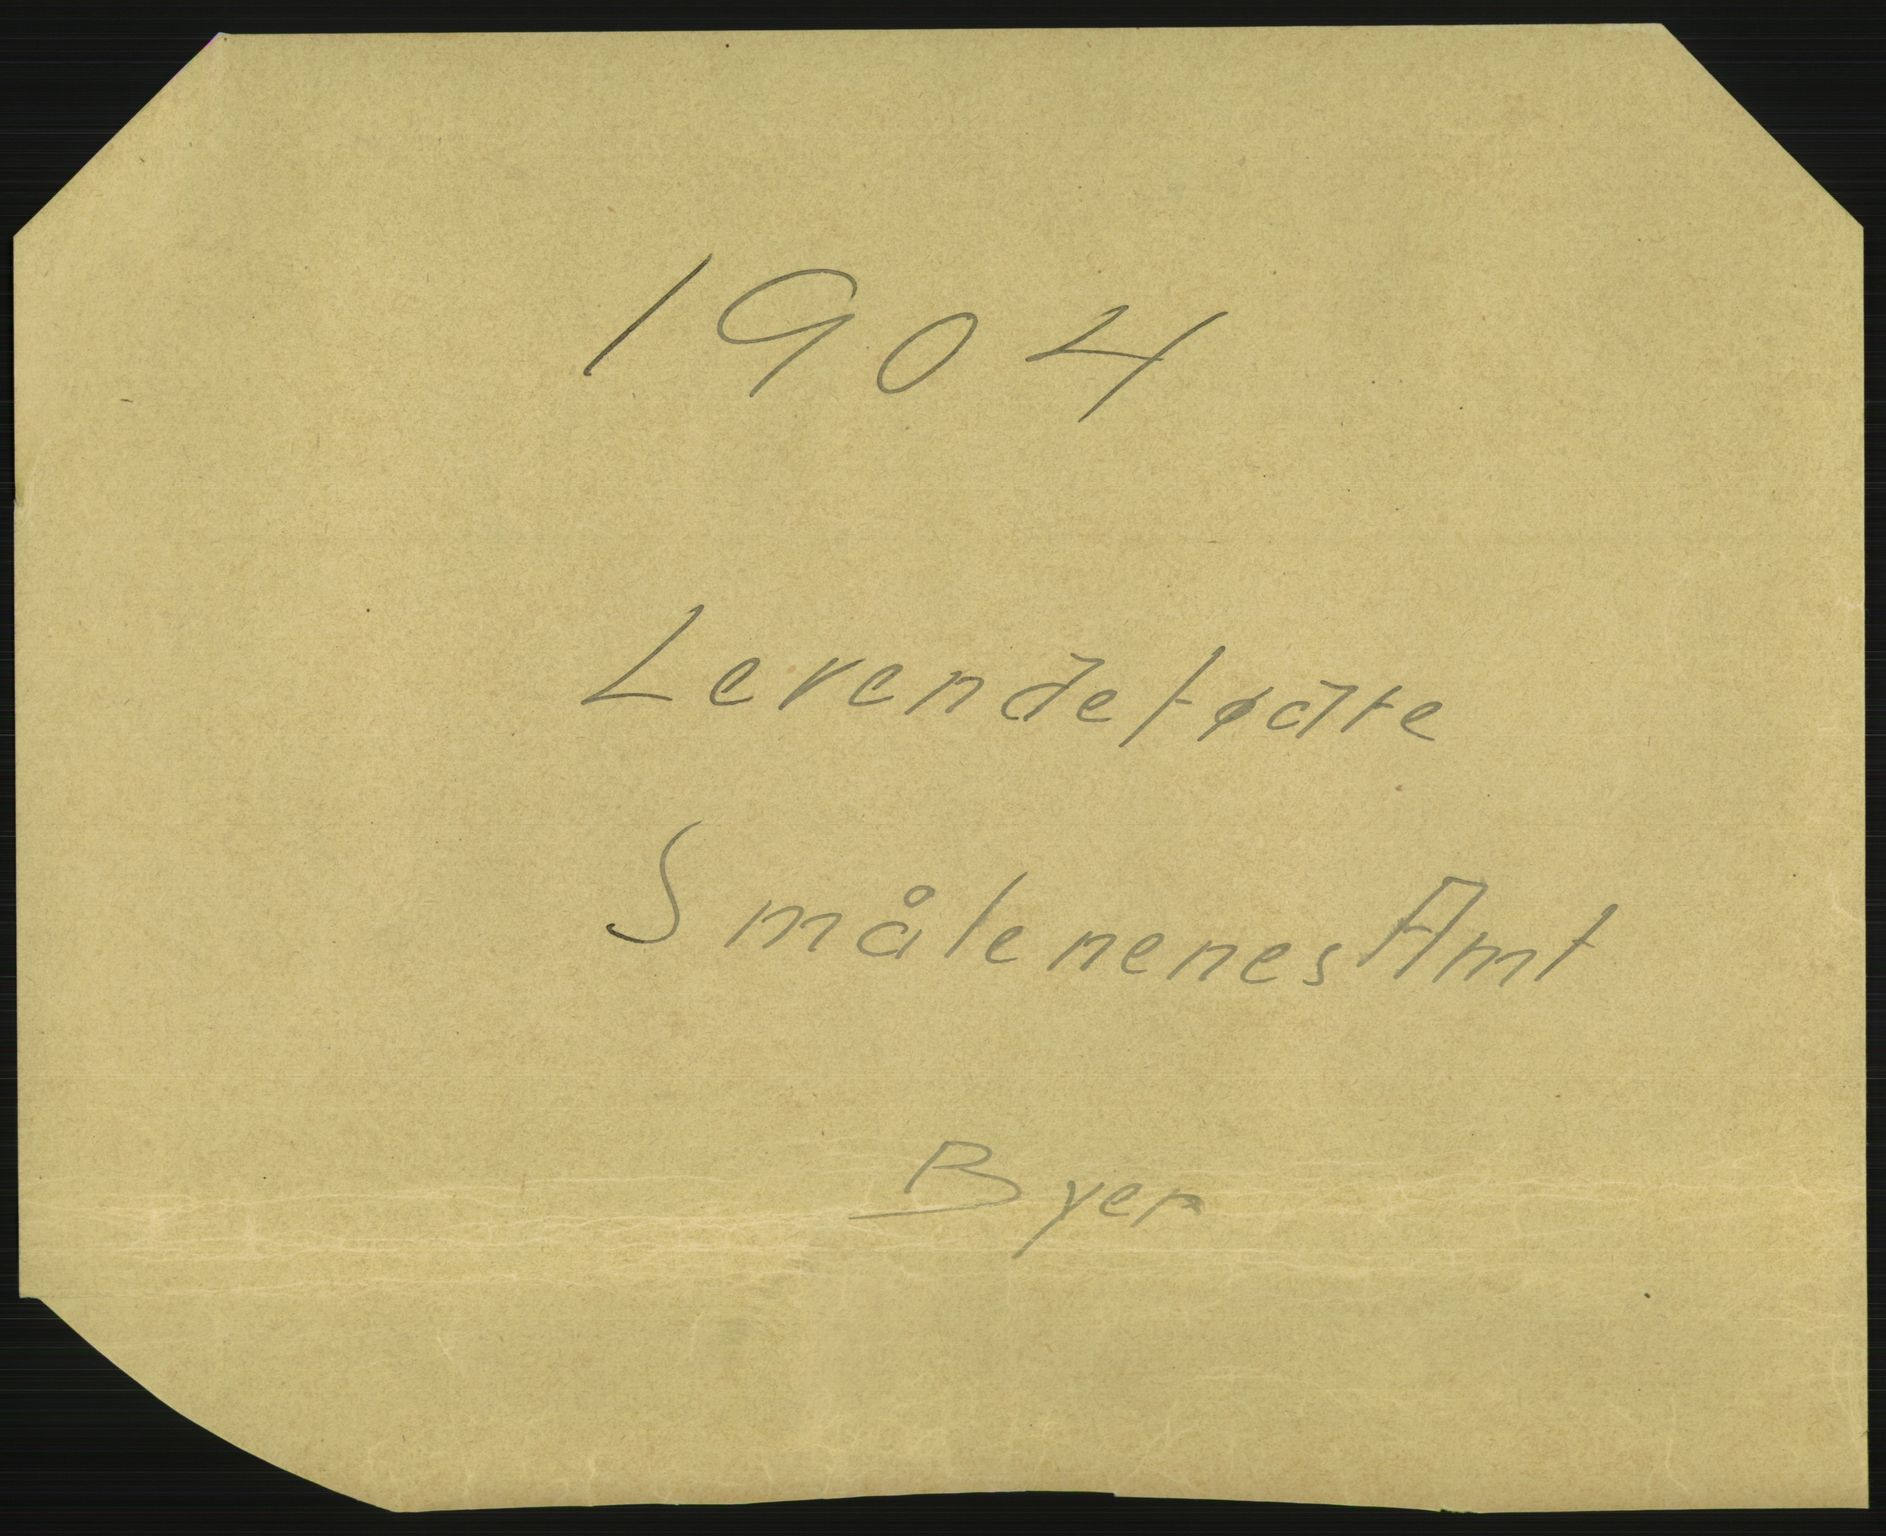 RA, Statistisk sentralbyrå, Sosiodemografiske emner, Befolkning, D/Df/Dfa/Dfab/L0001: Smålenenes amt: Fødte, gifte, døde, 1904